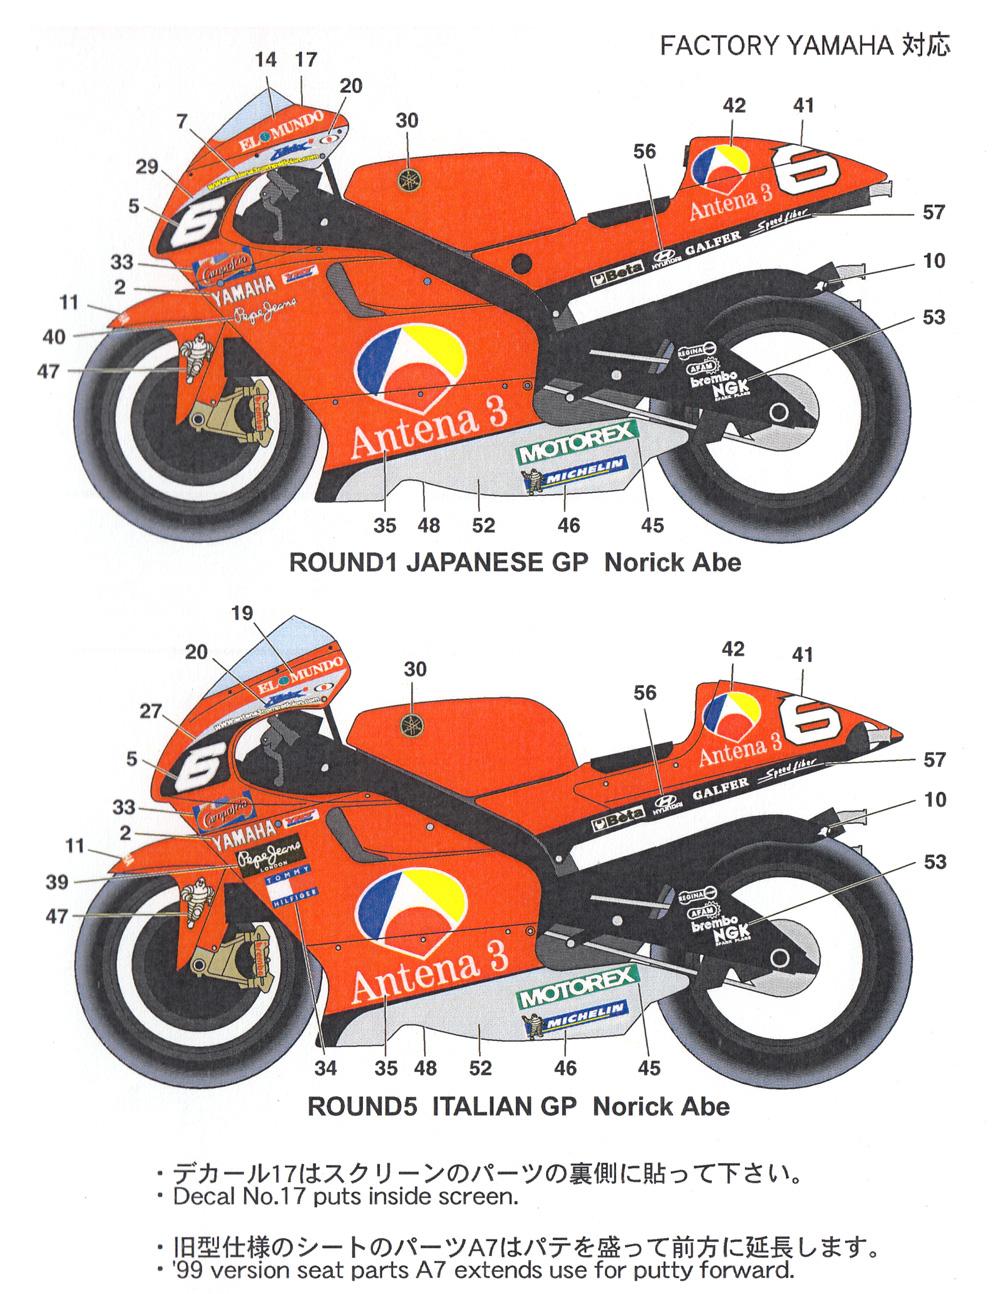 ヤマハ YZR500 ANTENA3 WGP 2001デカール(スタジオ27バイク オリジナルデカールNo.DC788)商品画像_1